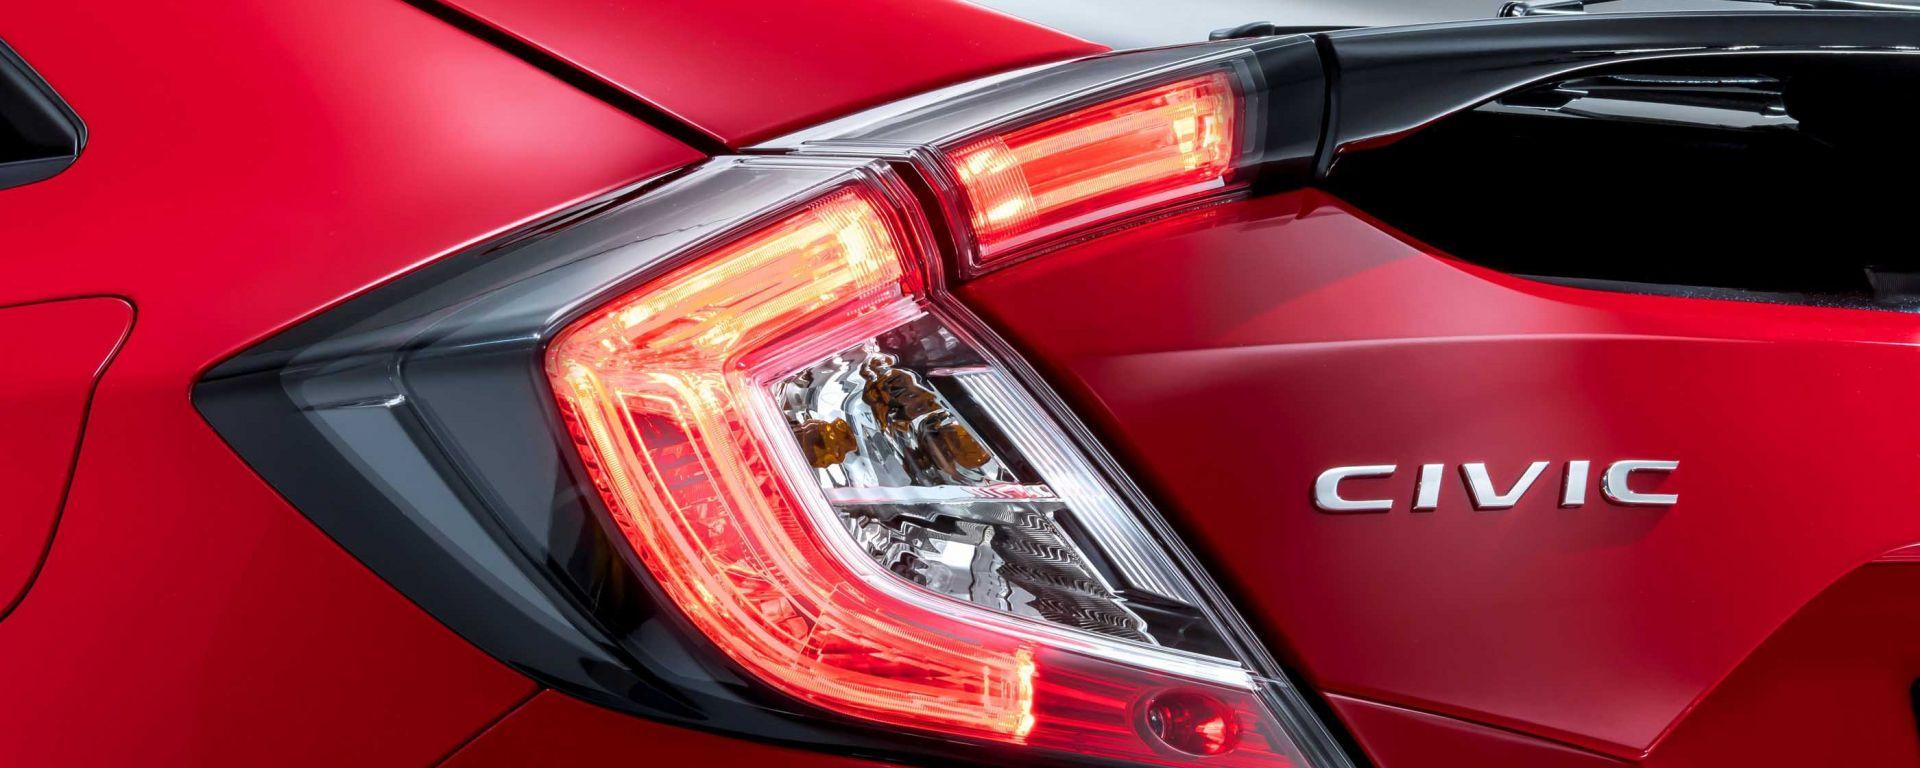 Honda Civic: il primo teaser della decima generazione, attesa al Salone di Parigi